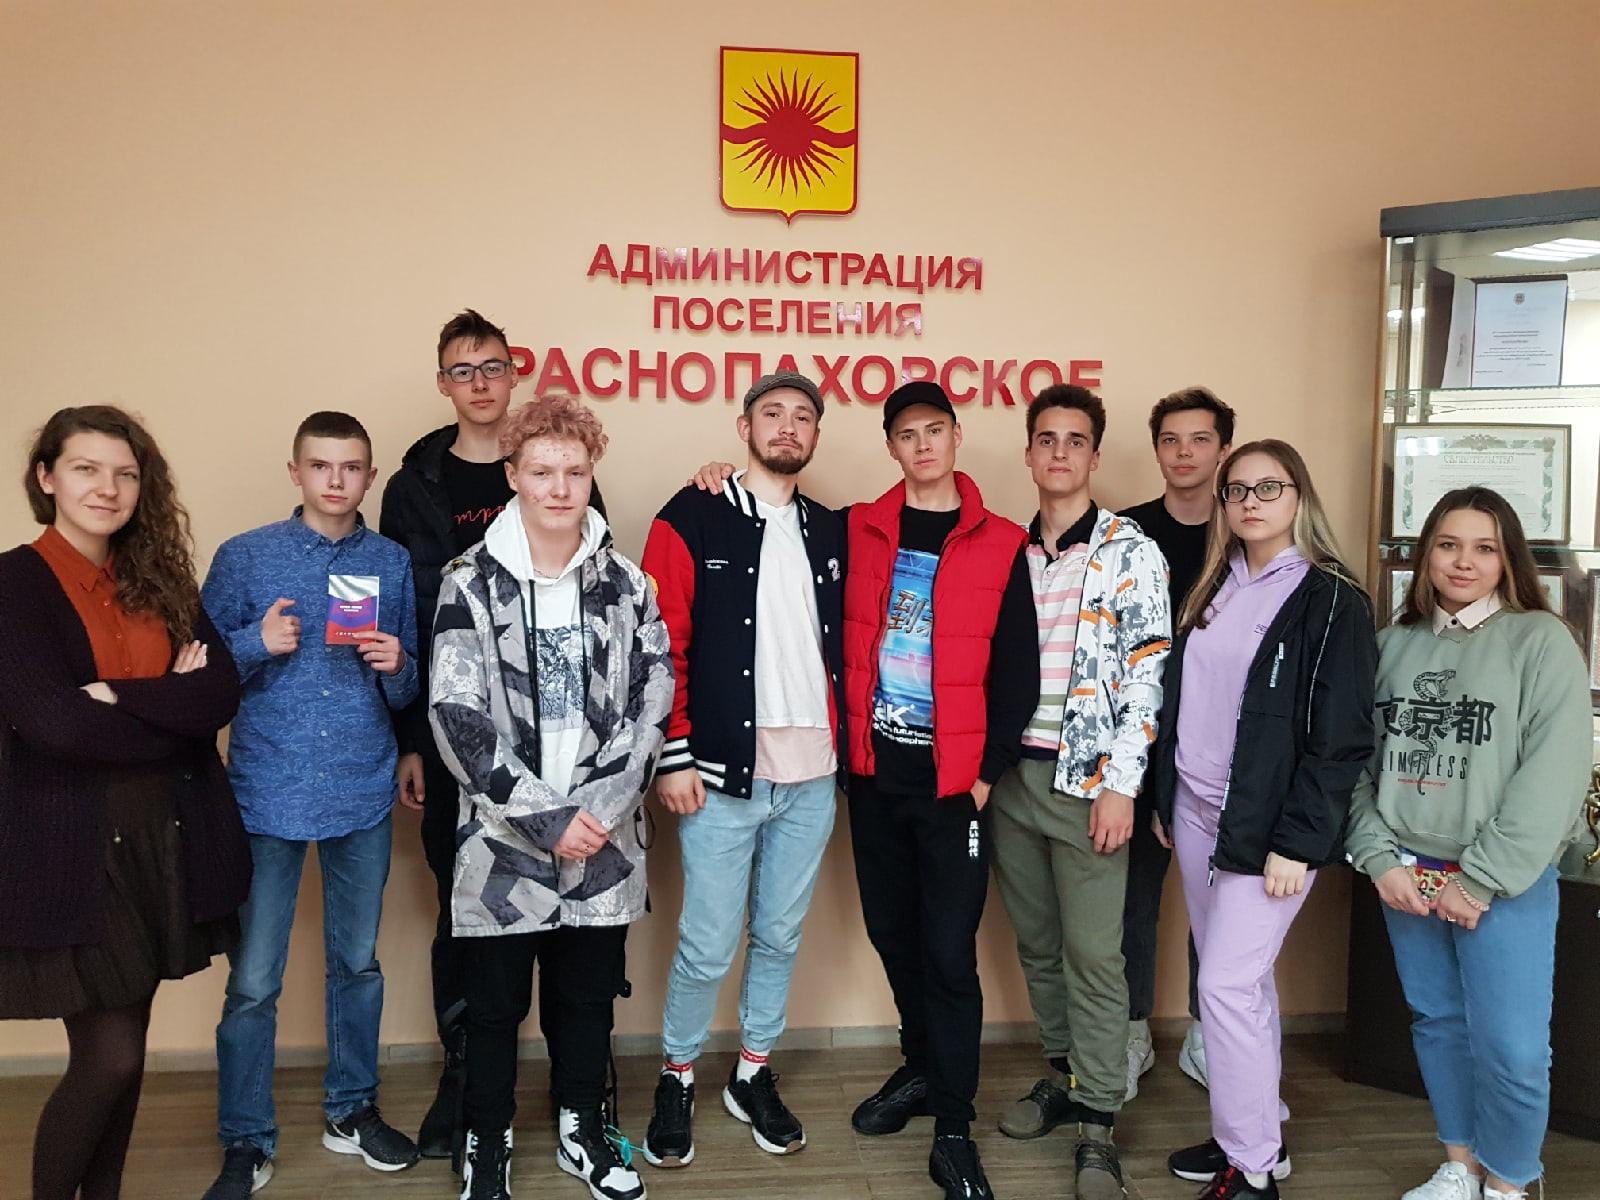 Молодые парламентарии поселения Краснопахорское организовали очередное собрание